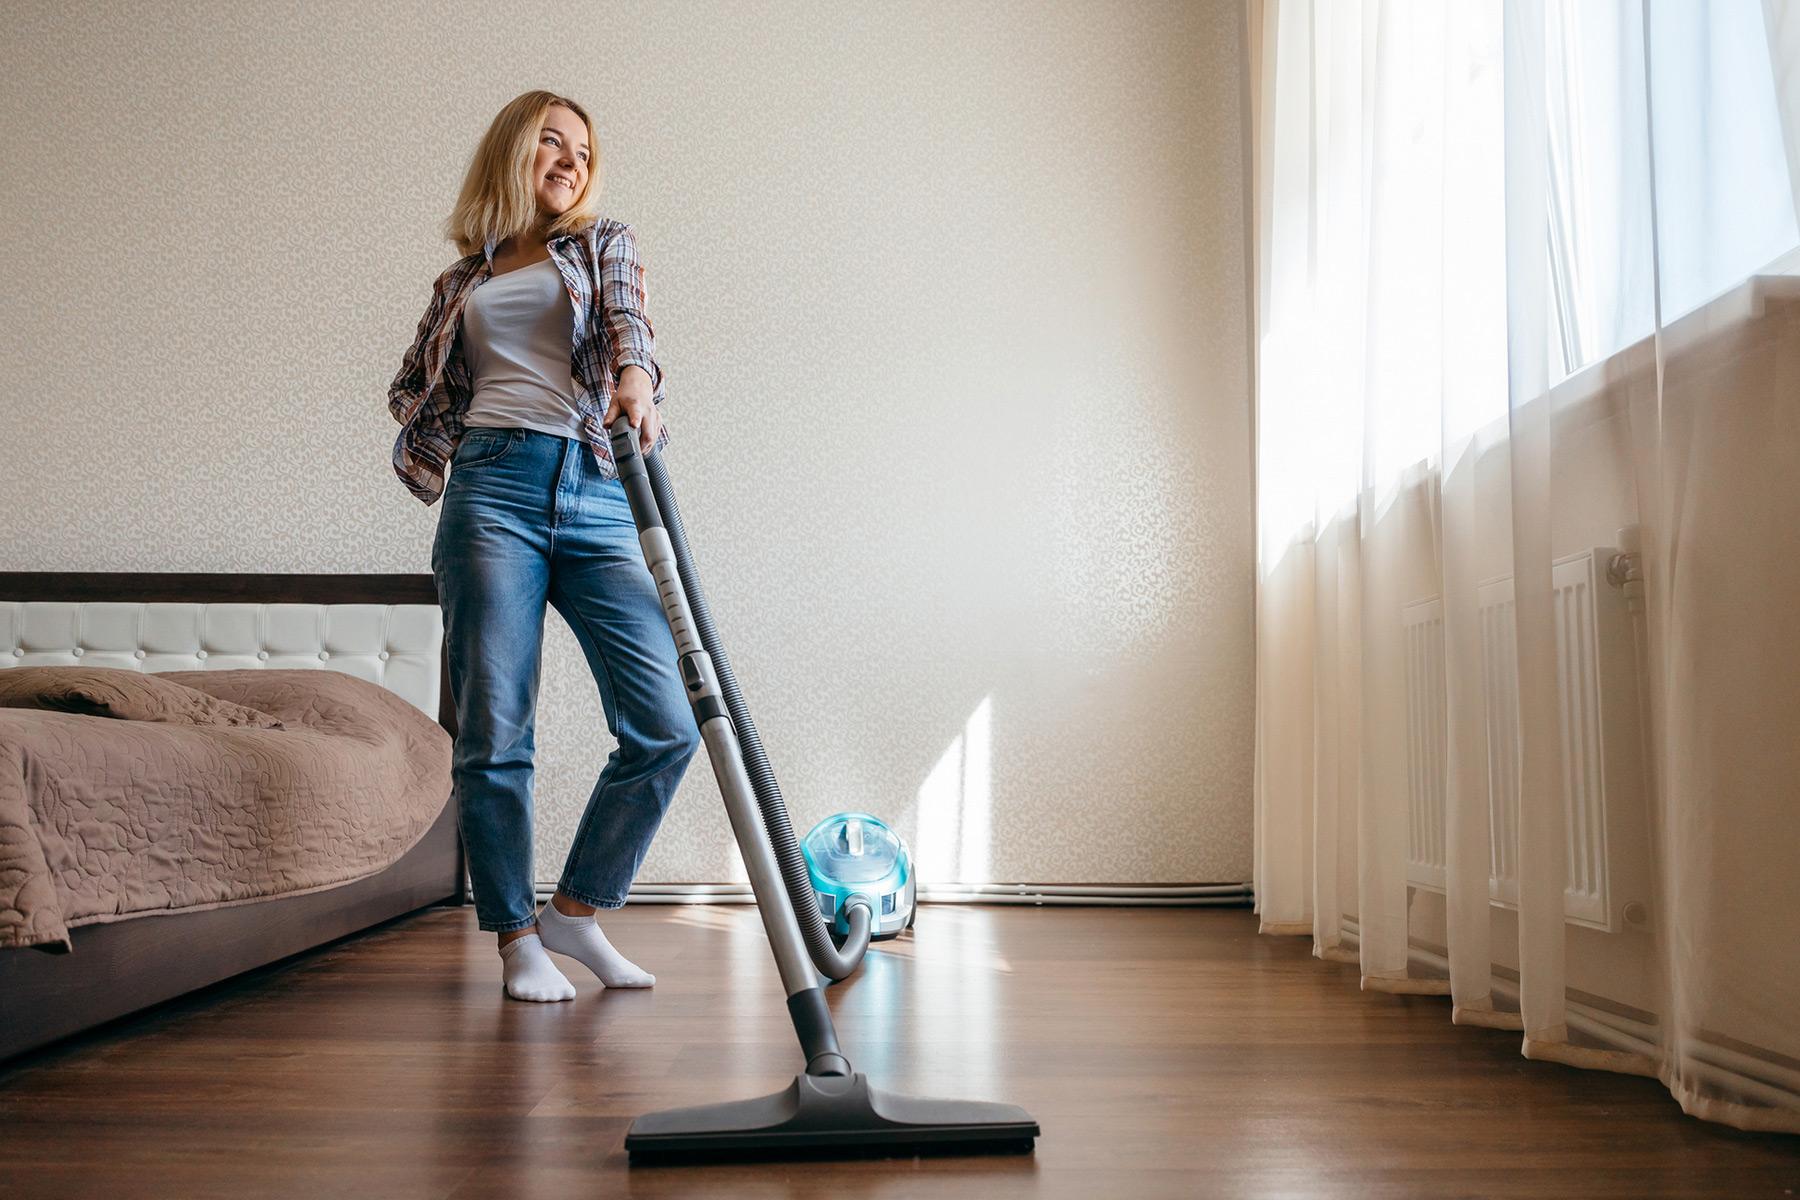 Как выбрать пылесос для дома. Советы, чтобы купить недорогой и хороший fdlx.com